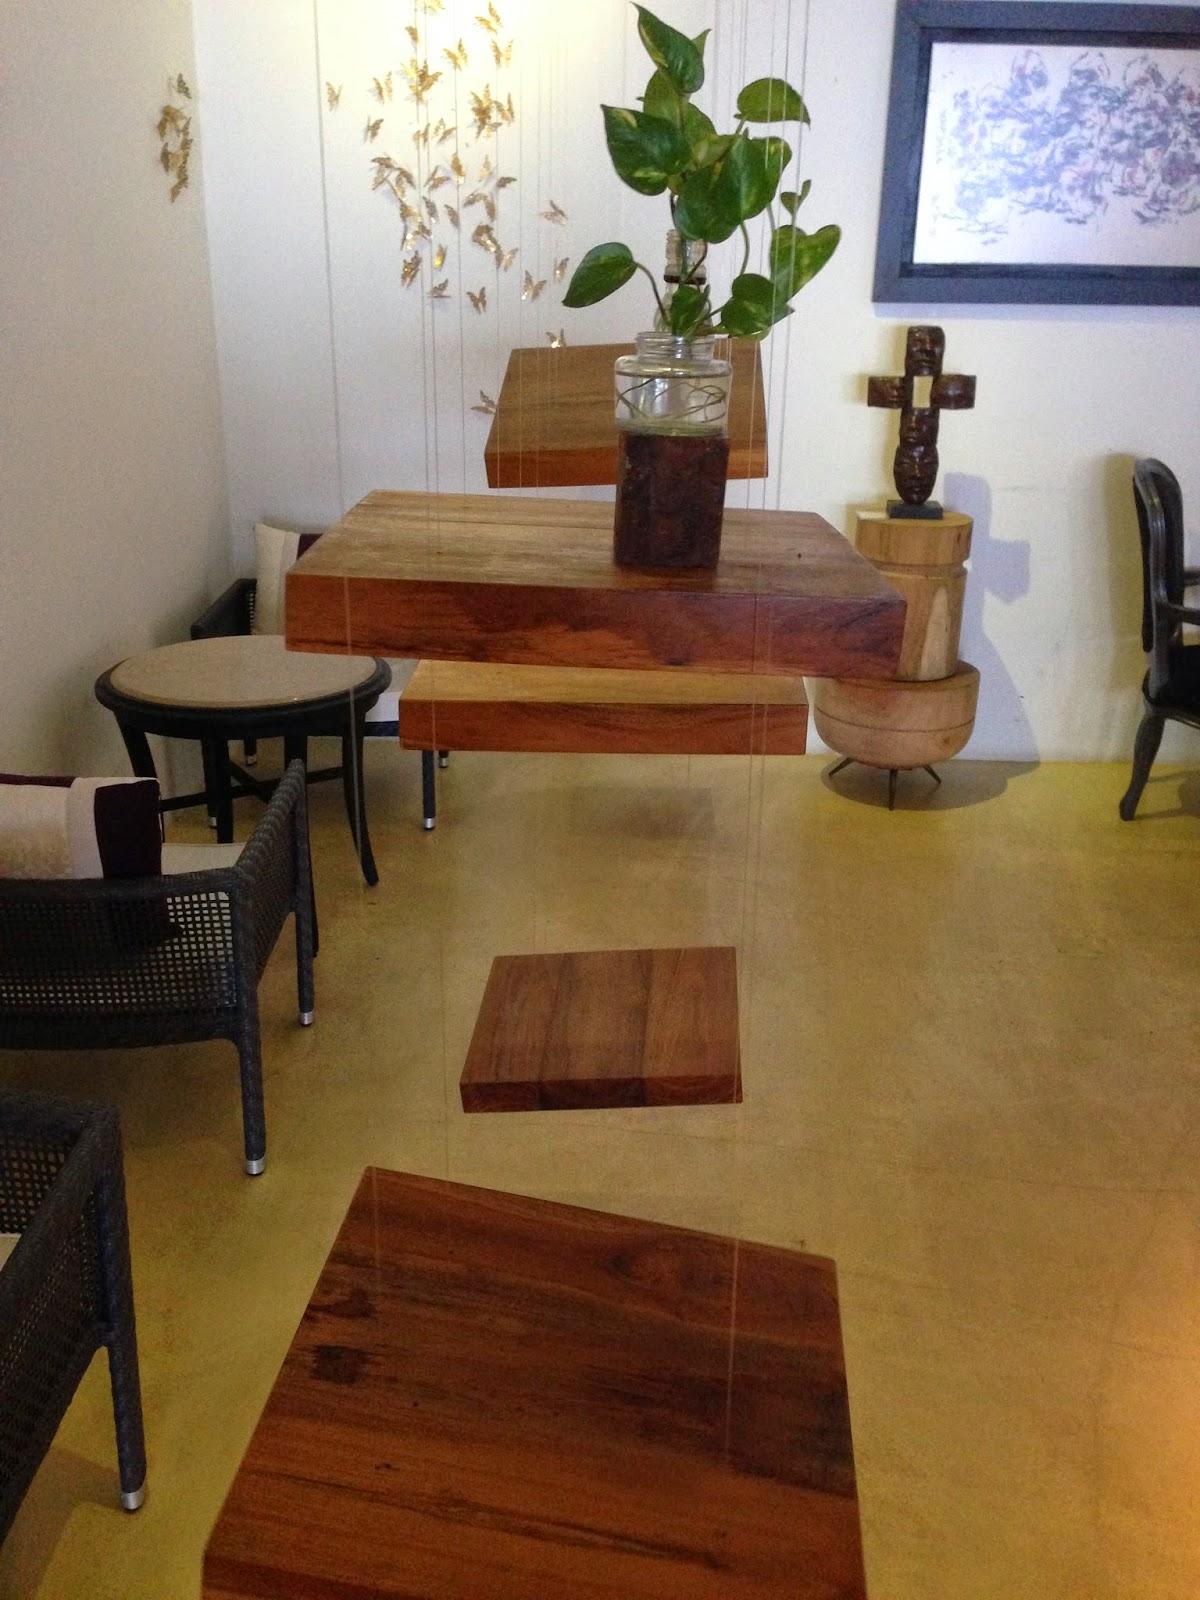 Decor in Cafe Studio